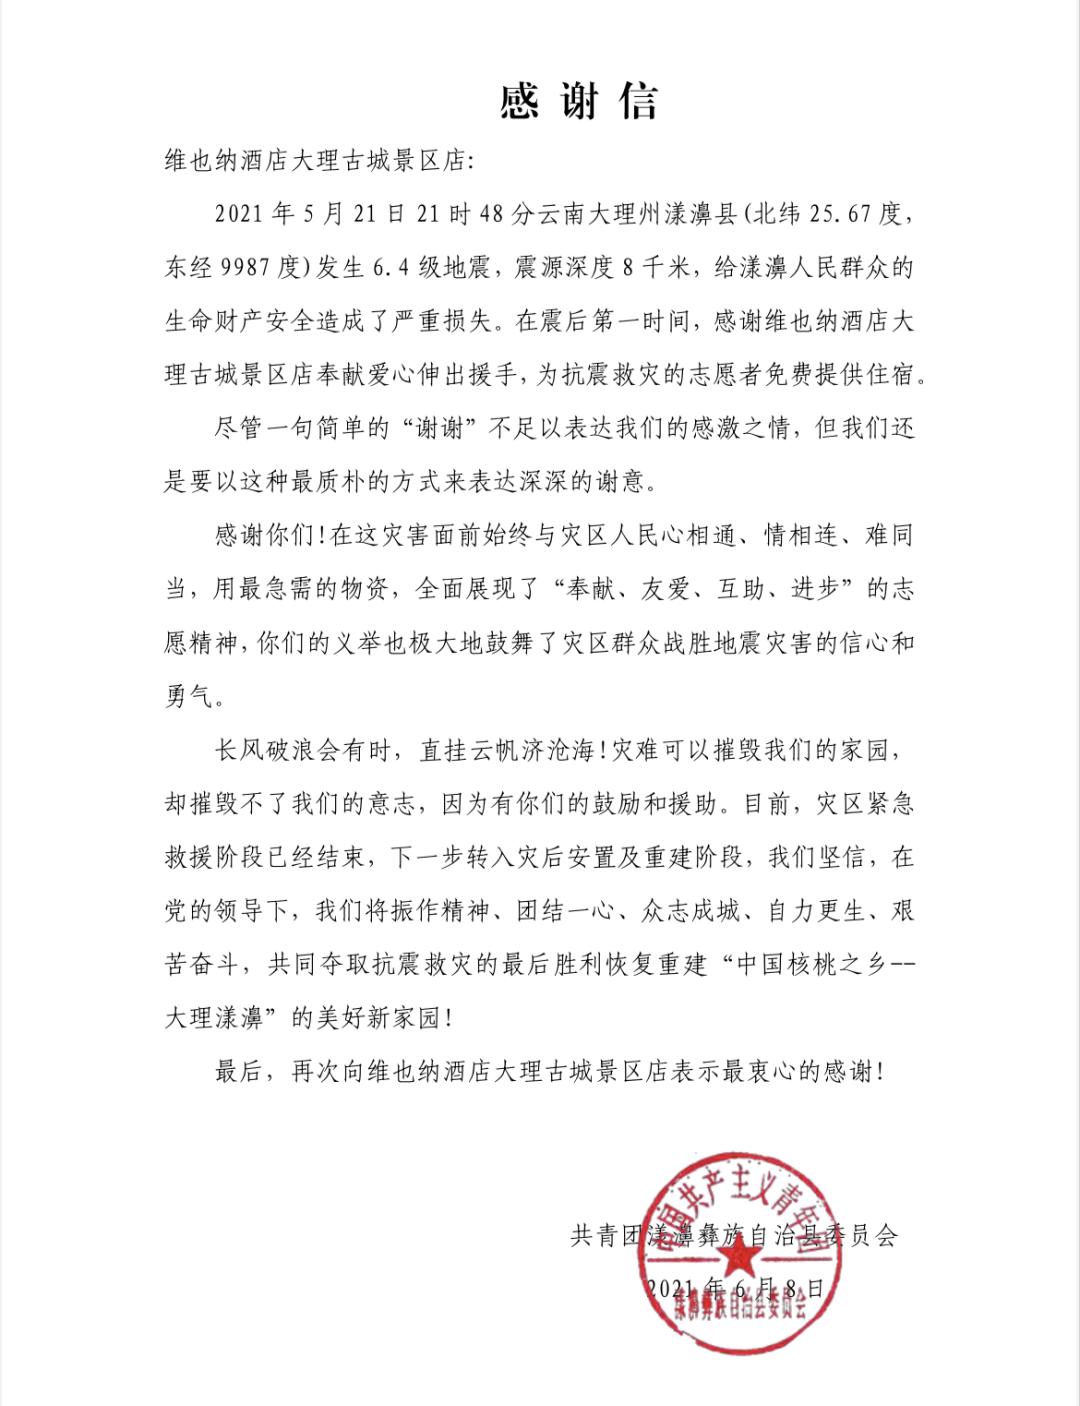 维也纳酒店收获来自漾濞政府的一封信